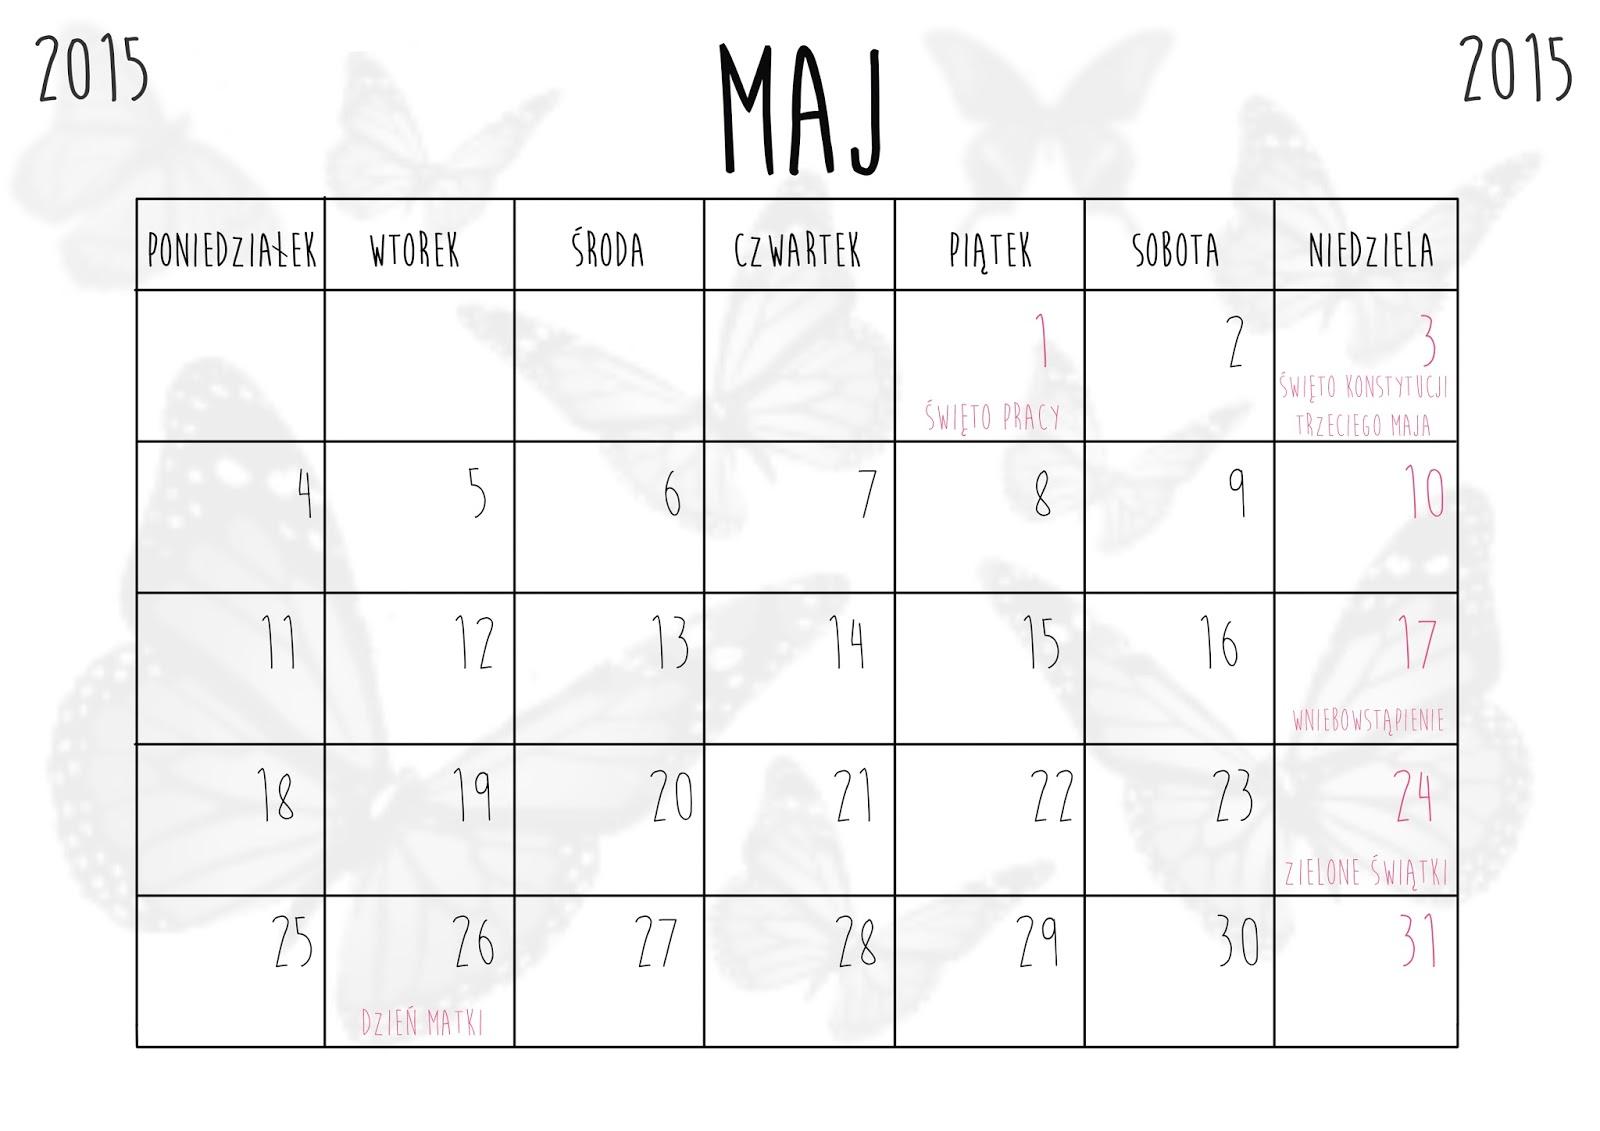 Kartka z kalendarza: maj 2015 - What a mess!